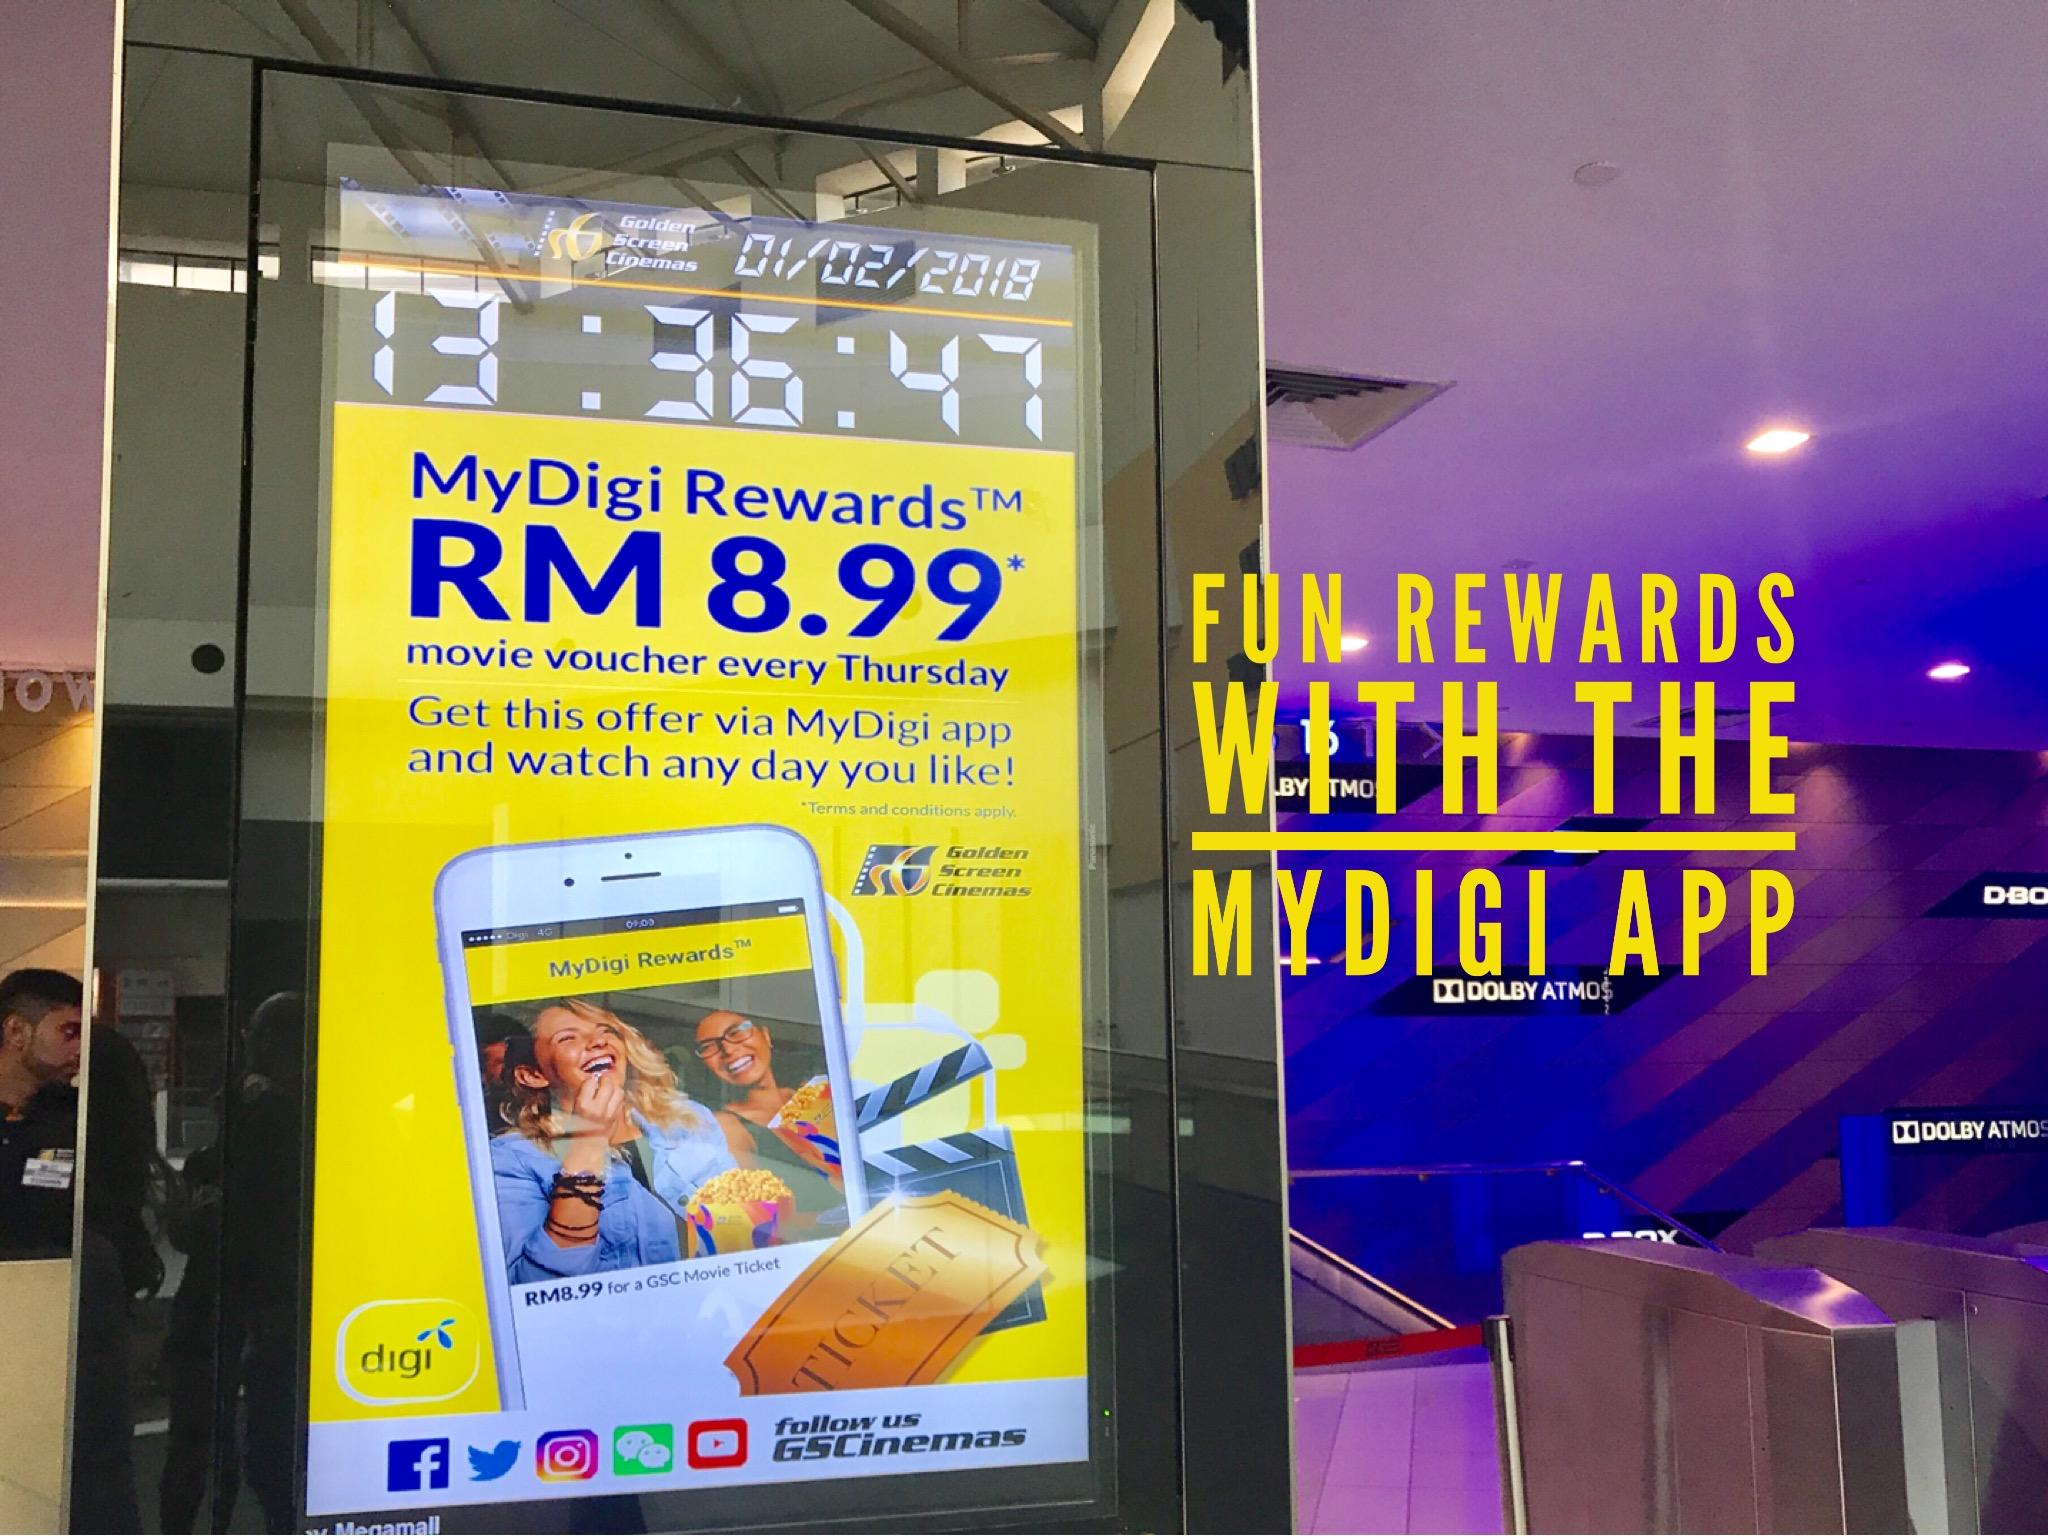 Fun Rewards with the MyDigi App (Ad)